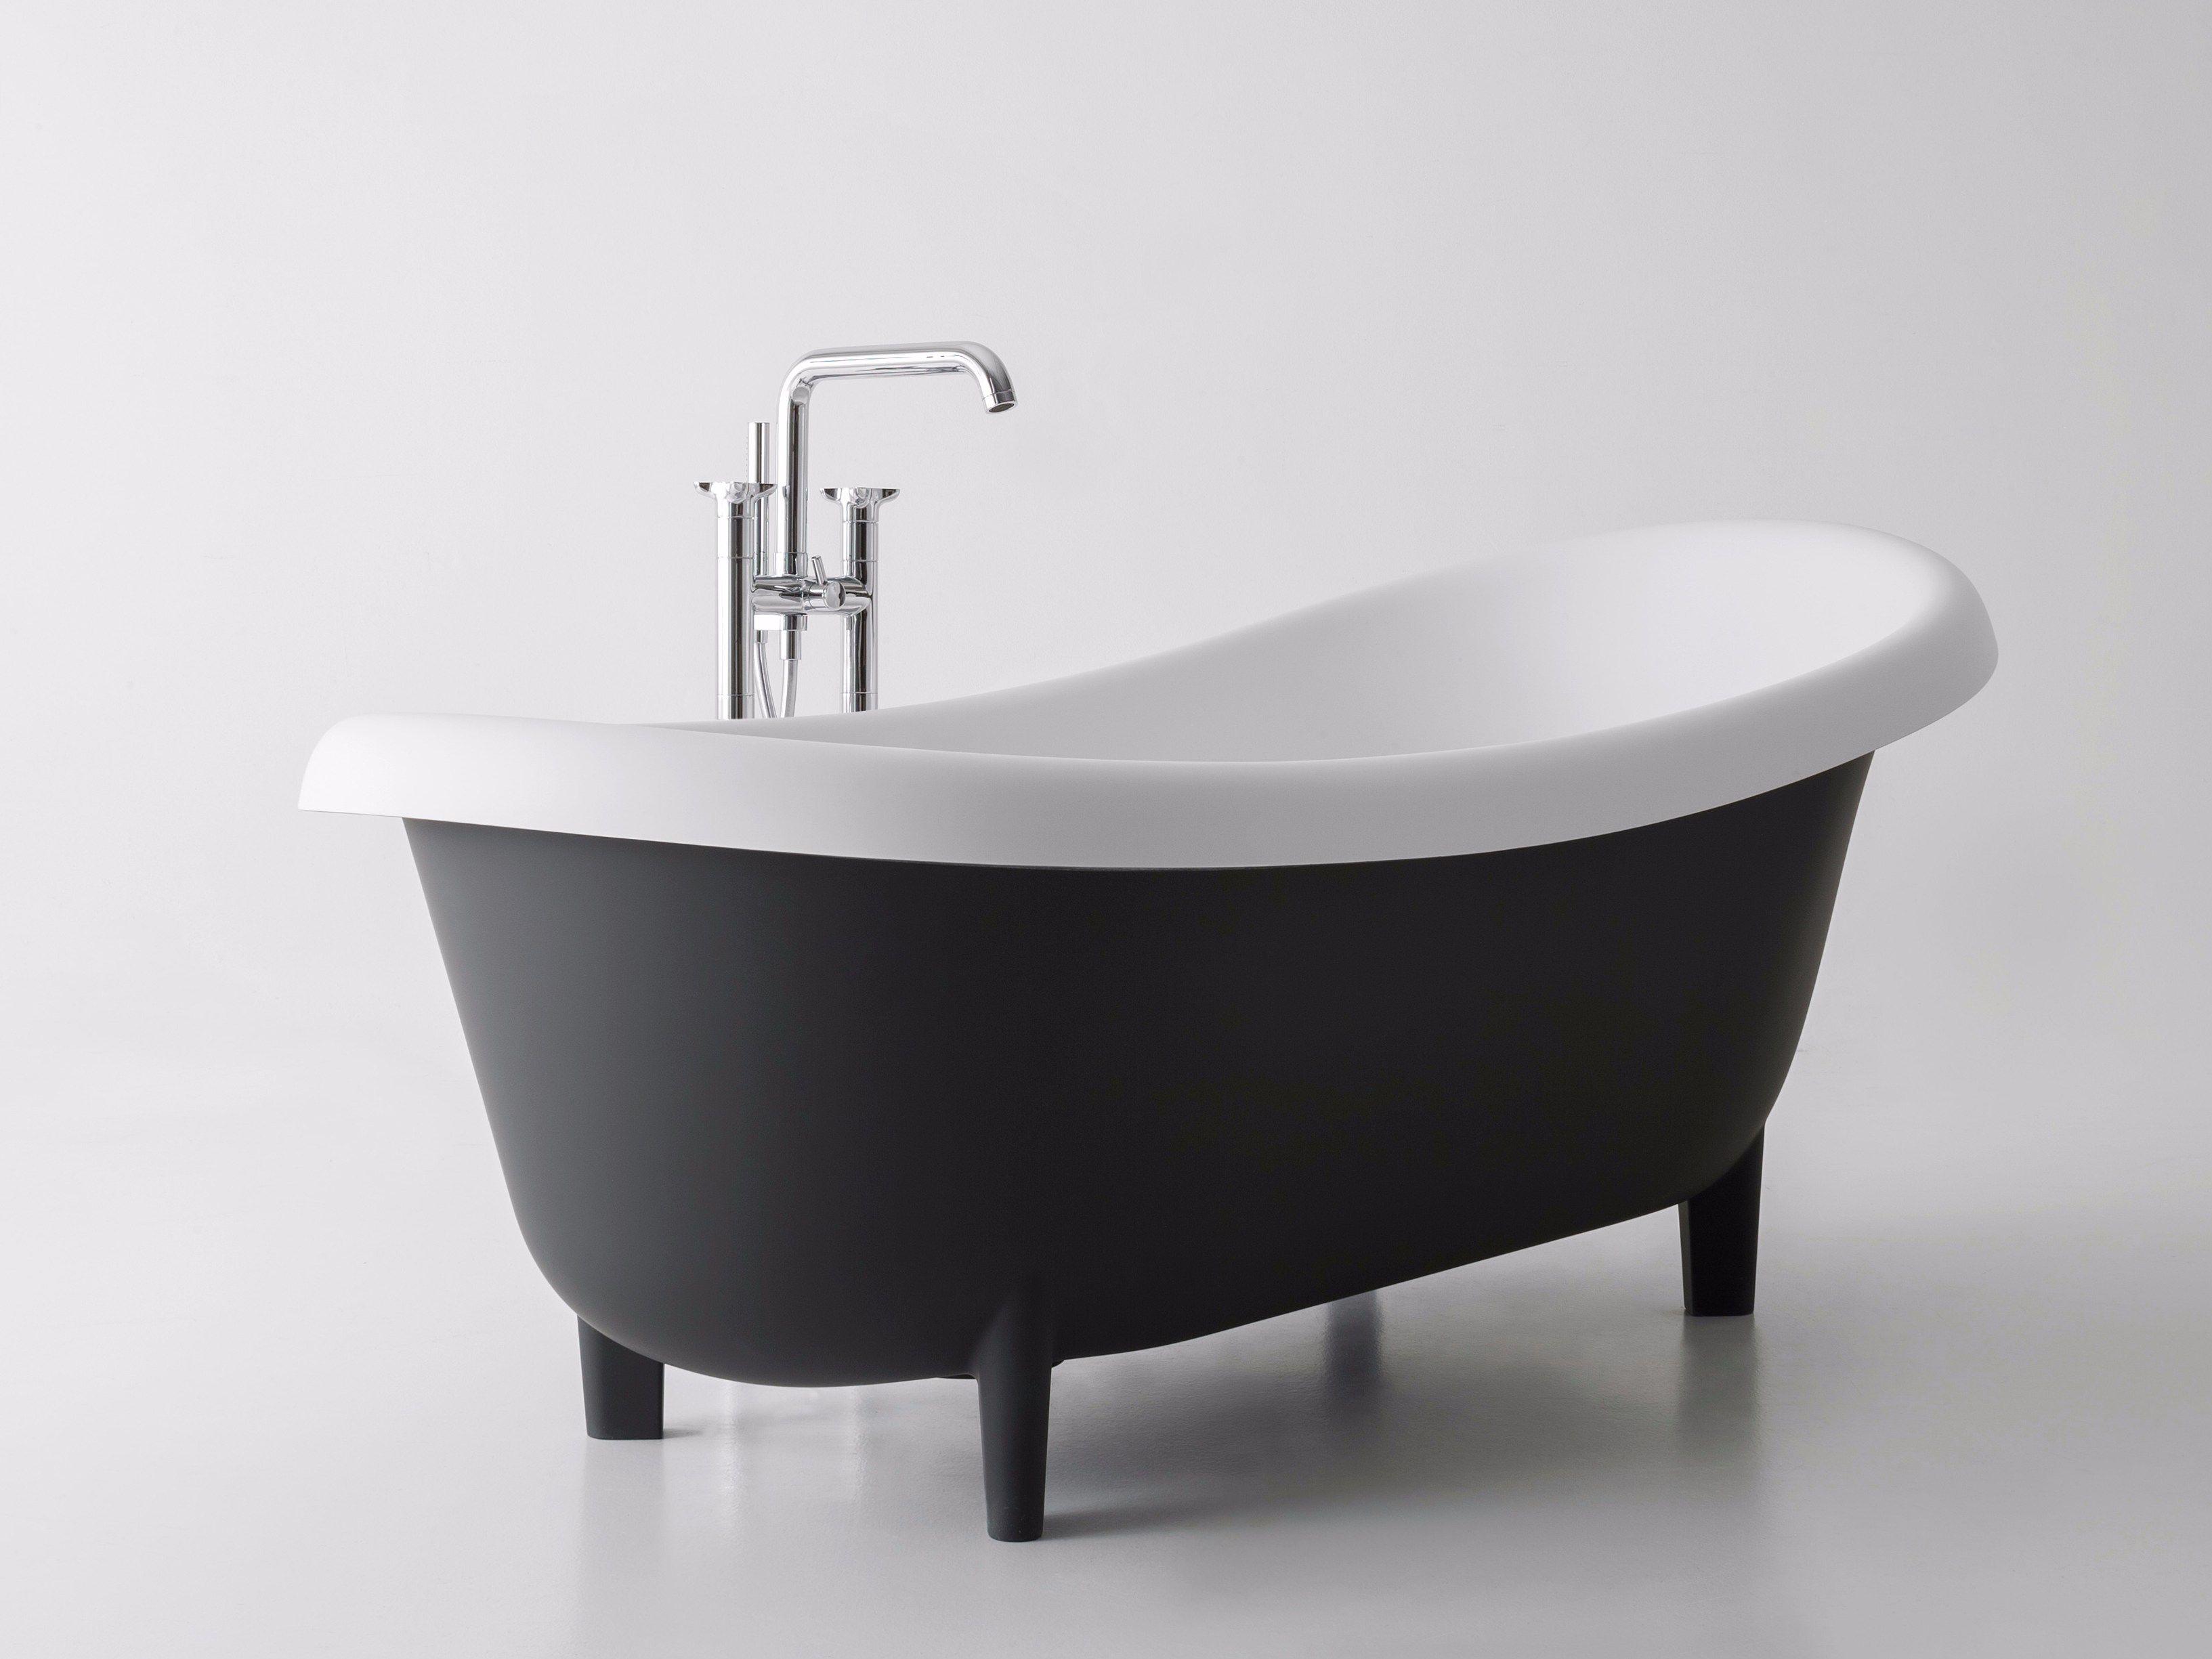 Vasca Da Bagno In Acrilico 180x81x60 Design Freestanding Ovale : Vasca da bagno ovale progetti architettonici ww ns boxgro